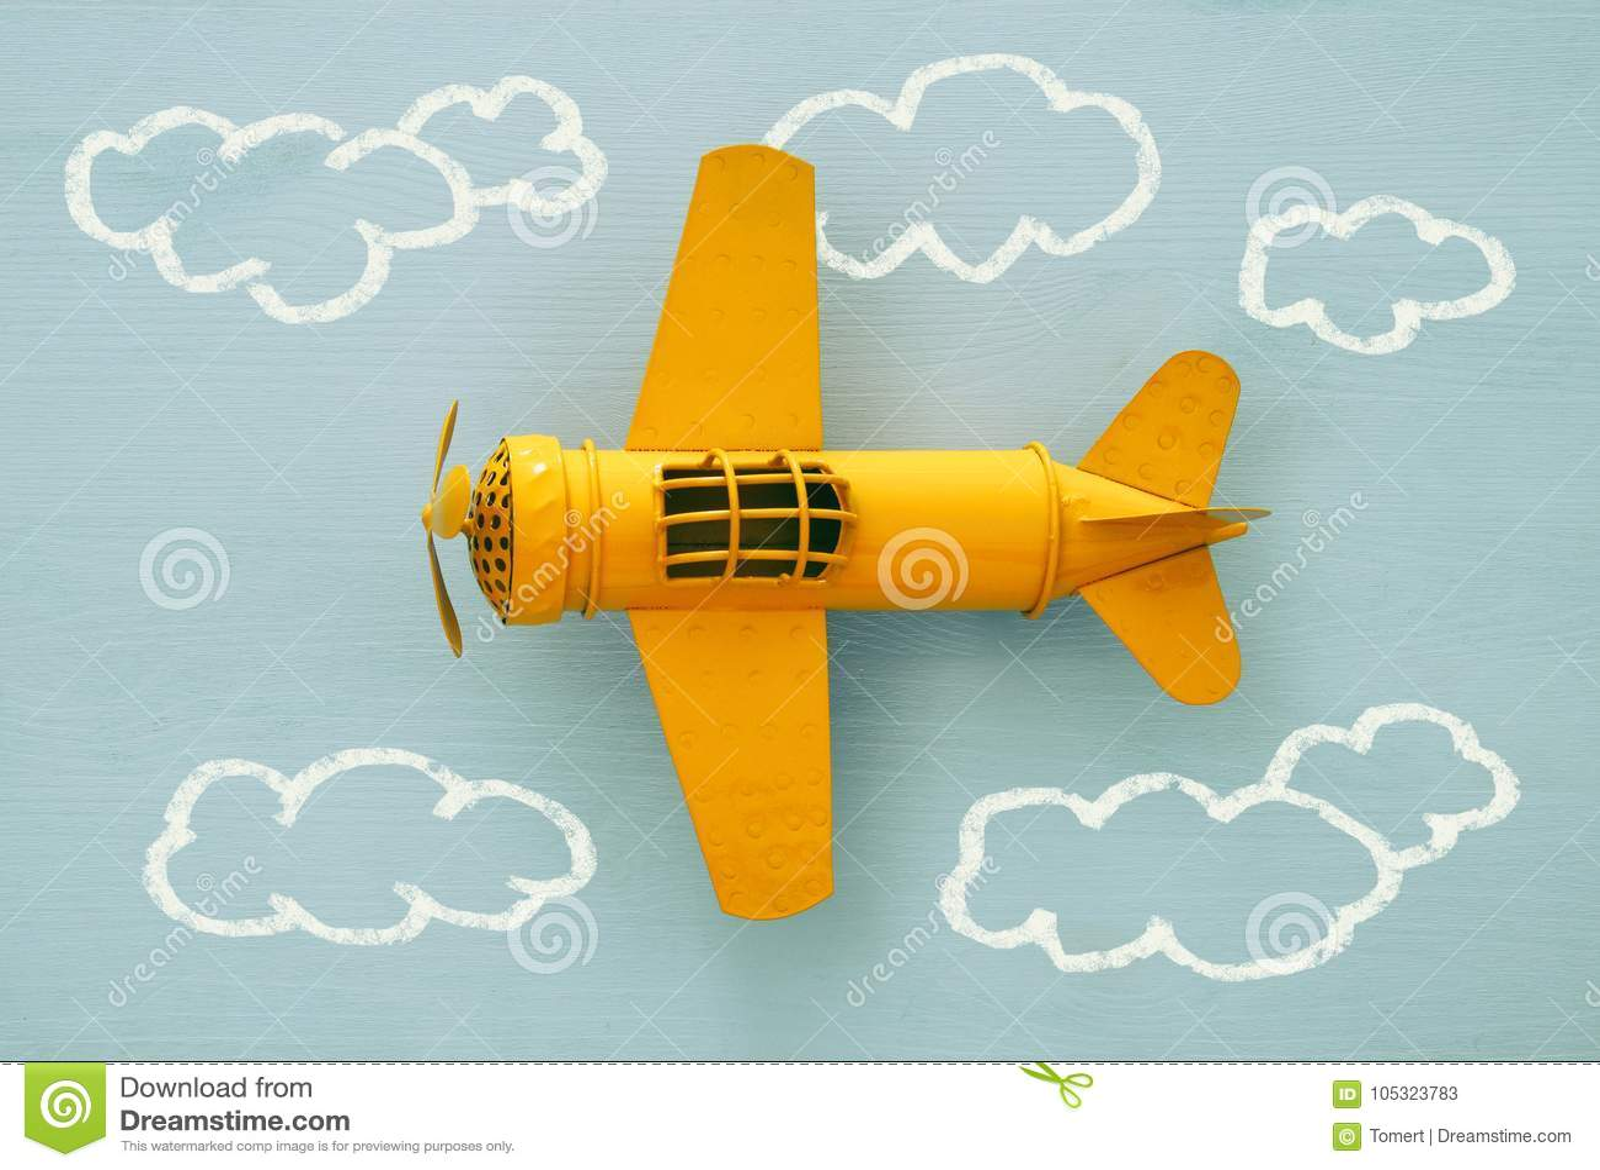 Pojęcie wyobraźnia, twórczość, marzyć i dzieciństwo, Retro zabawka samolot z ewidencyjnymi grafika kreśli na błękitnym tle